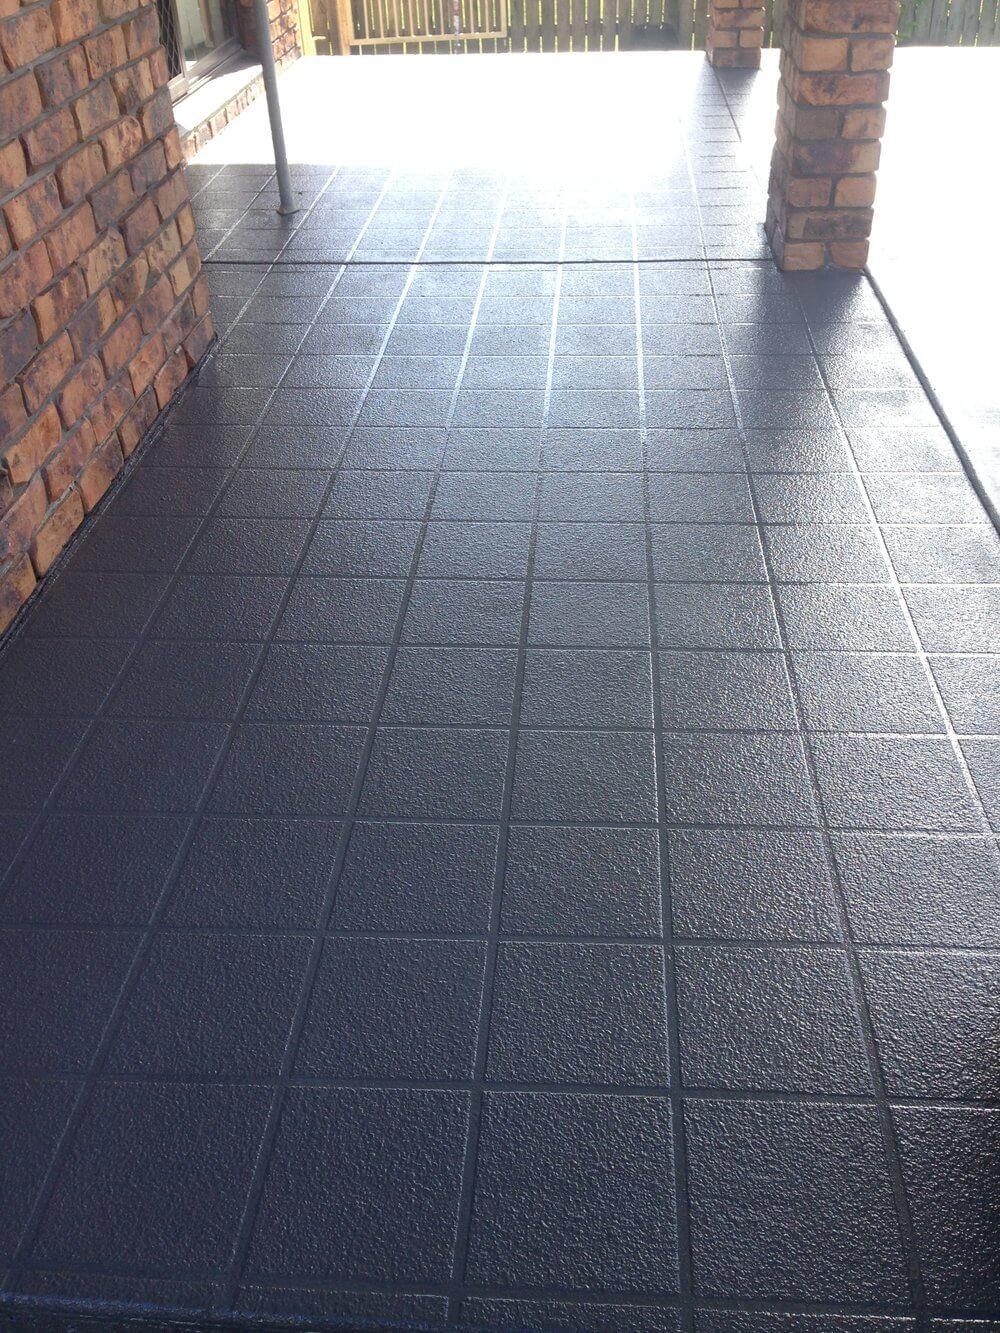 Newcrete Resealers Gallery - Grey Tiles Resealing.jpg